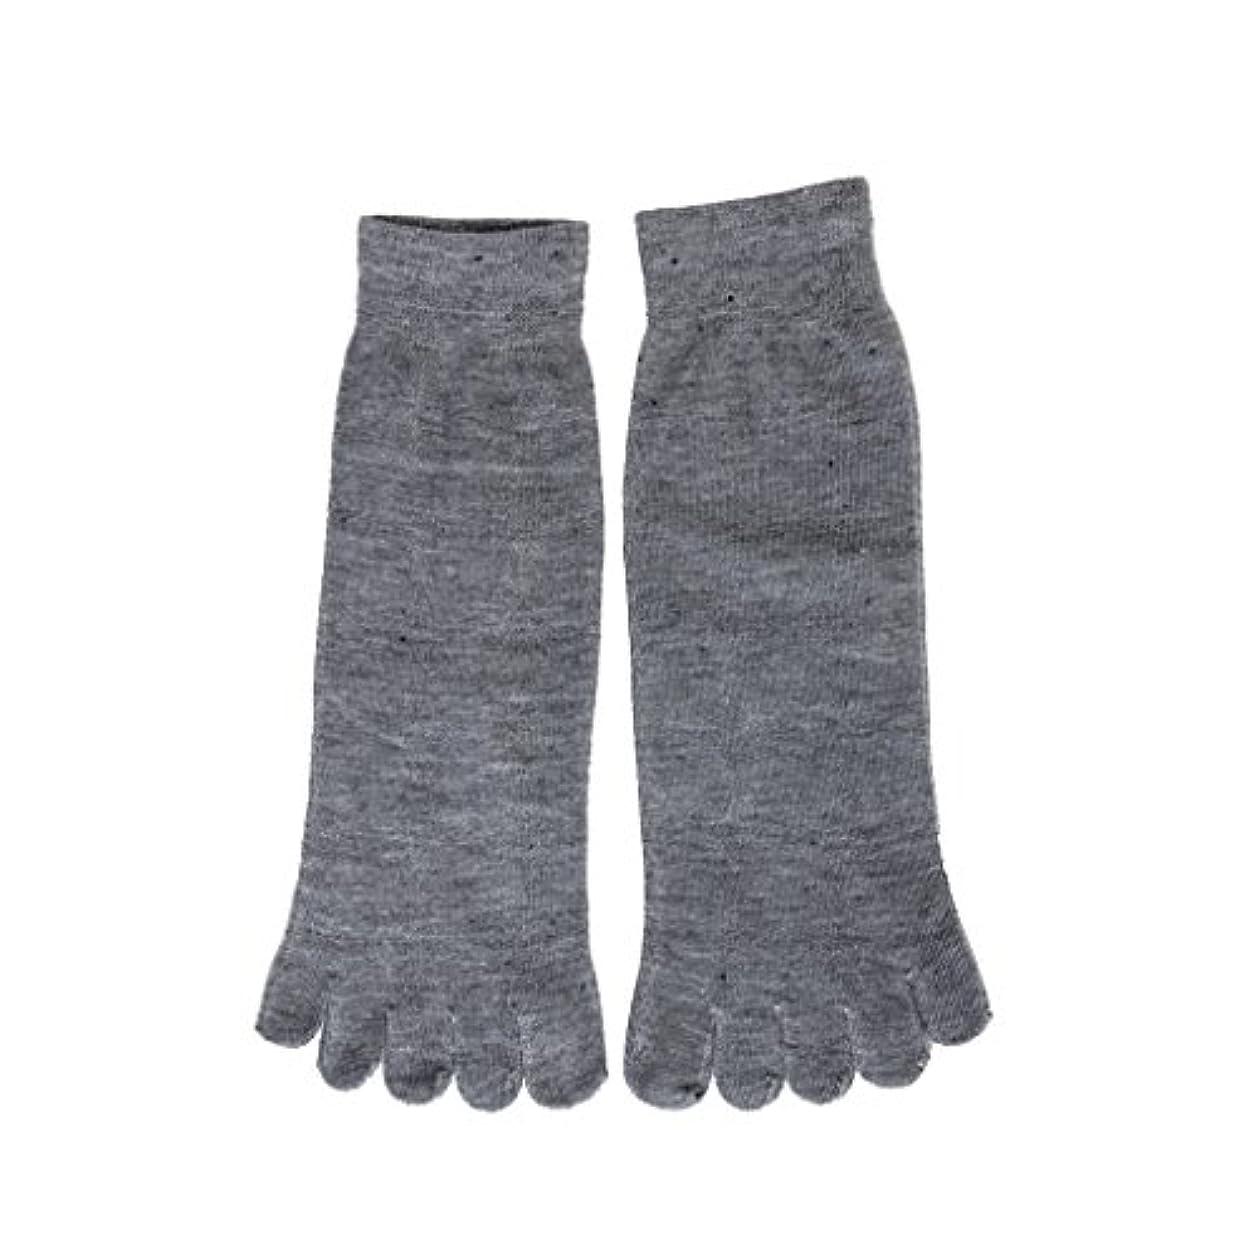 僕の窓を洗うスチュワーデス【Footful】ソックス 靴下 くつ下 五本指ソックス サポートソックス 全4色 (ライトグレー)